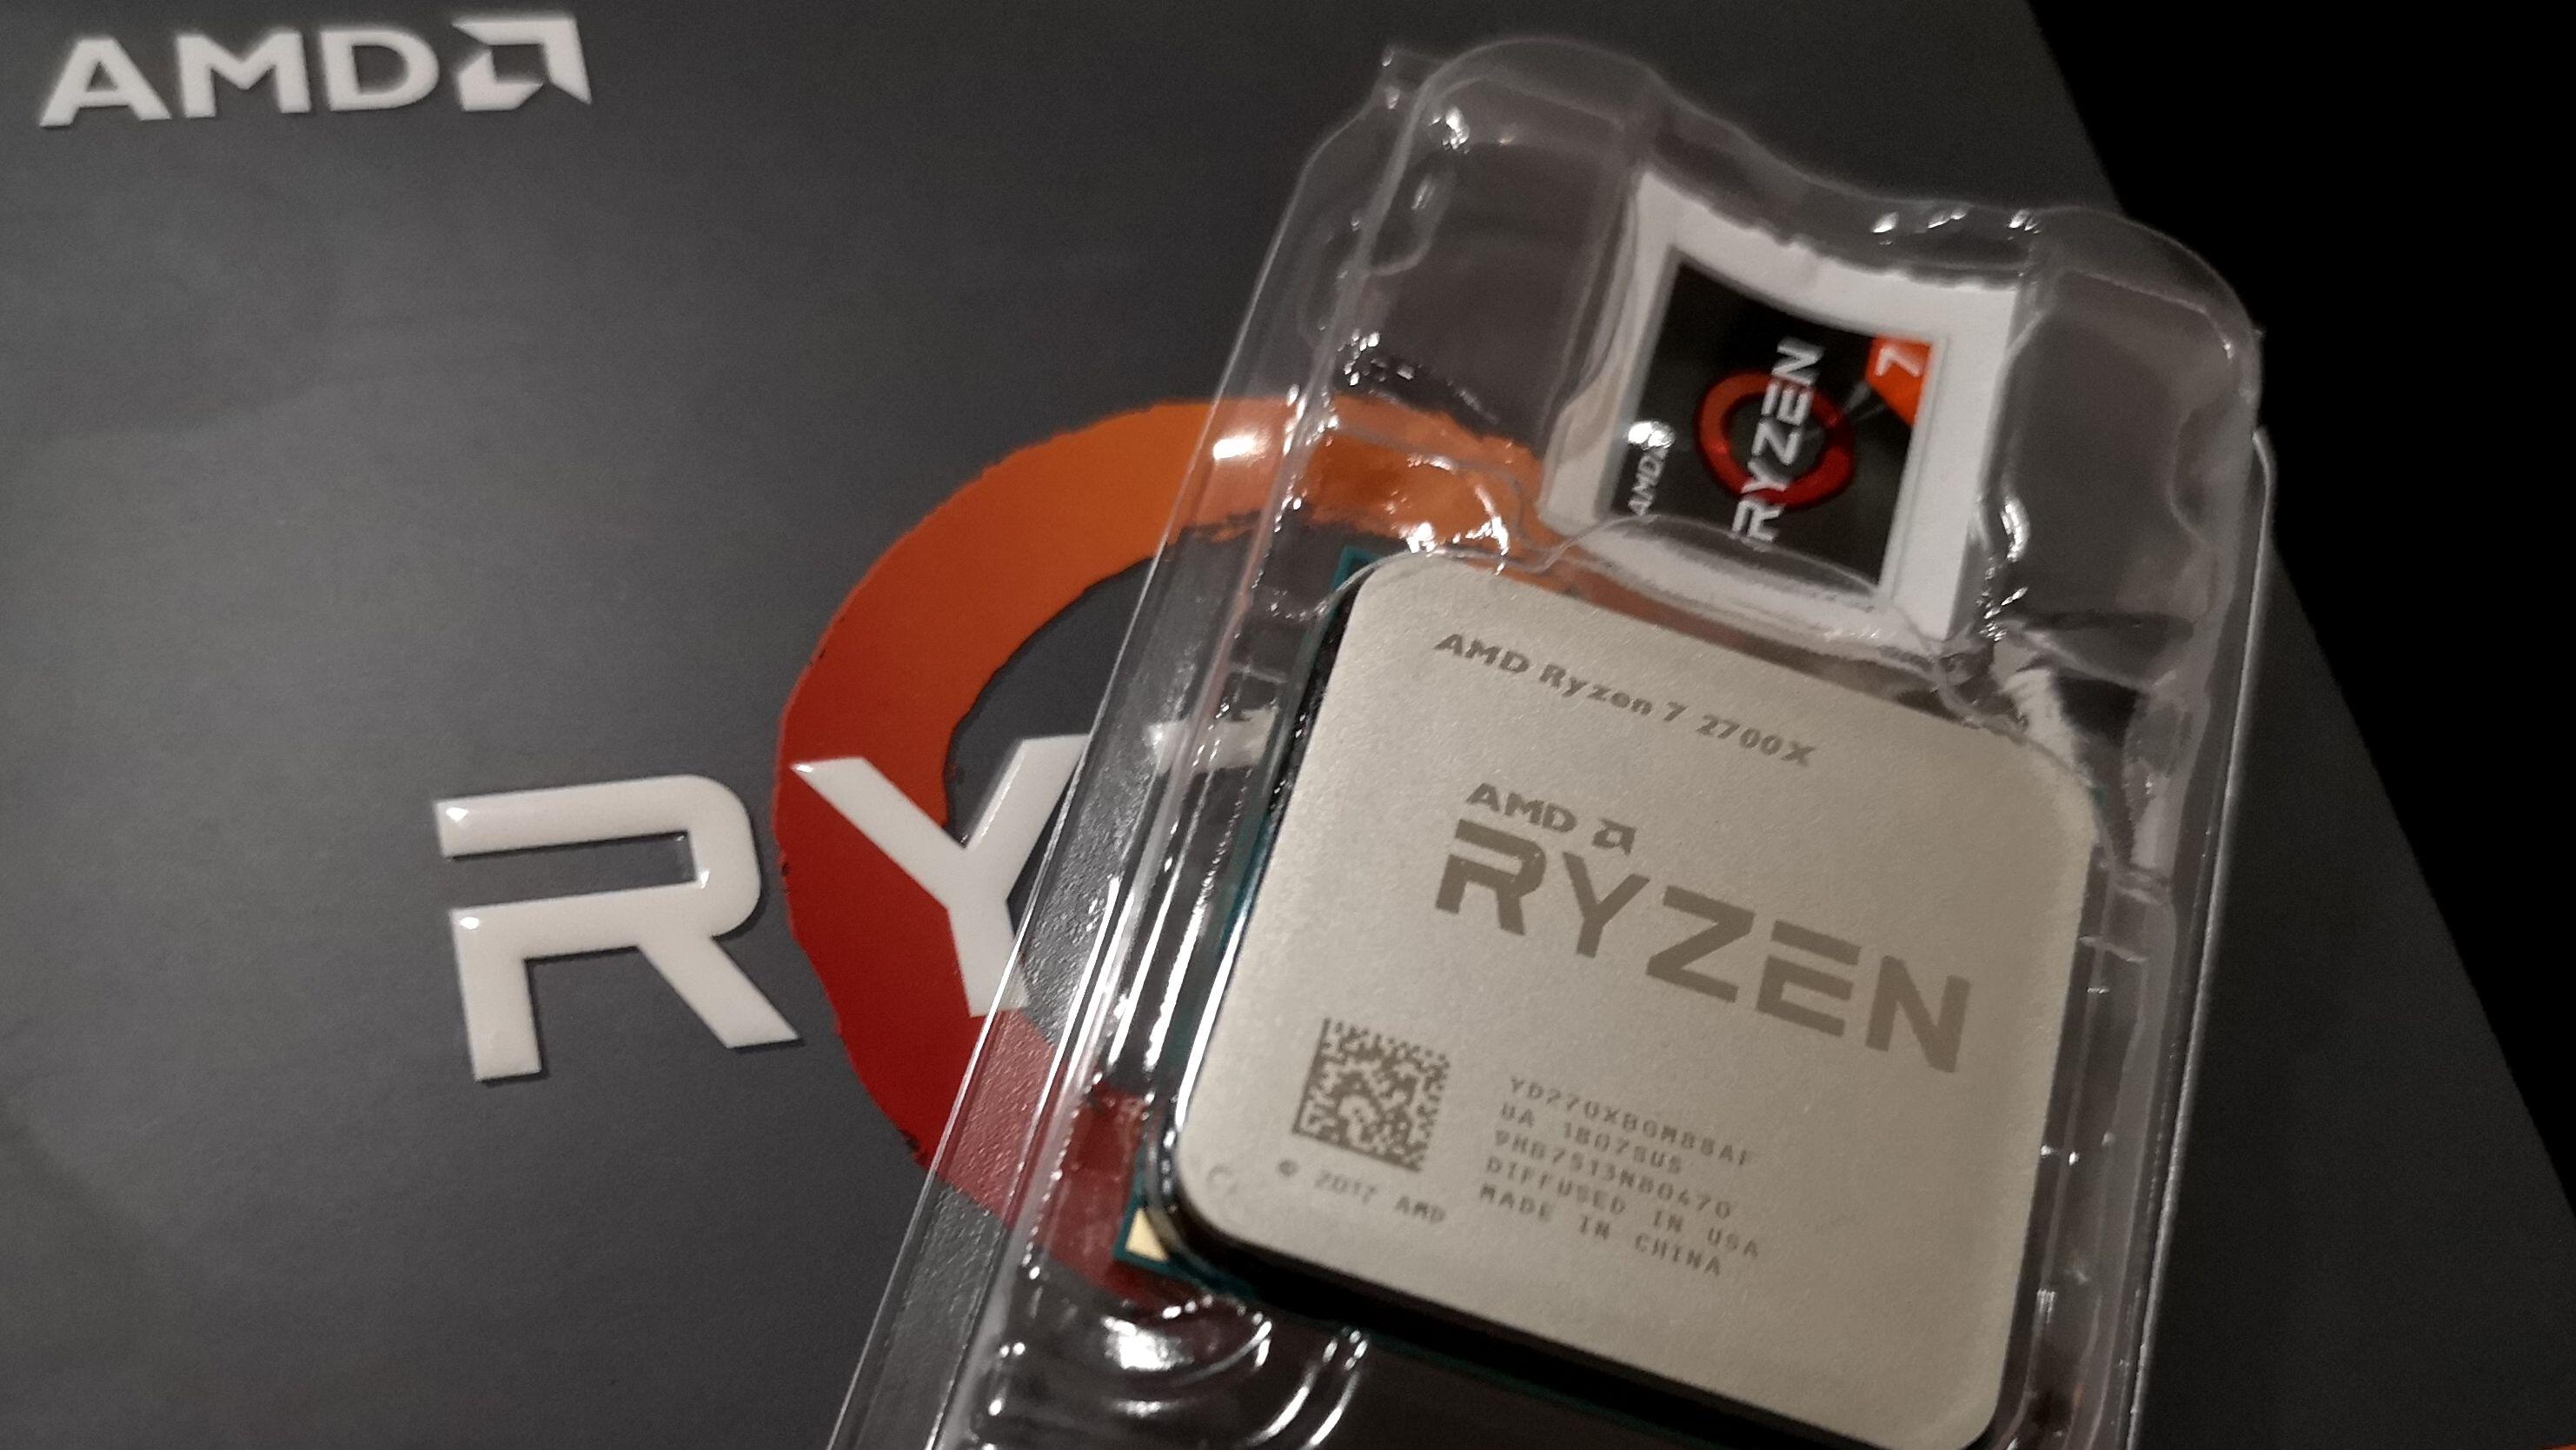 Bli med oss når vi bygger Ryzen 2-testbenk med GTX 1080ti og 470x